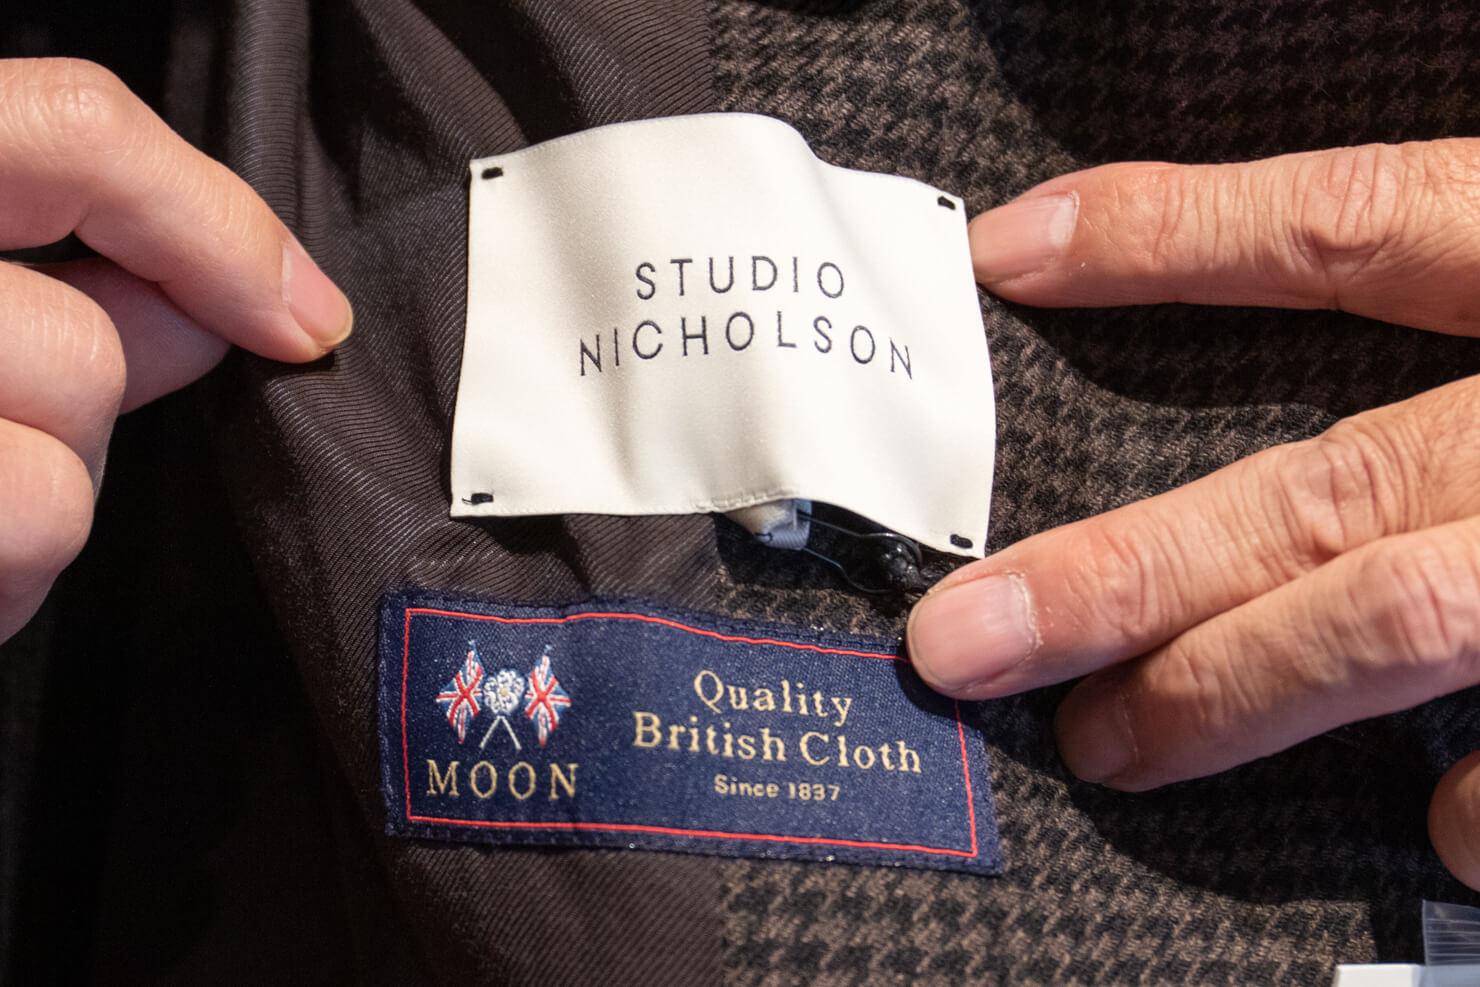 ジャケットのラベルの写真